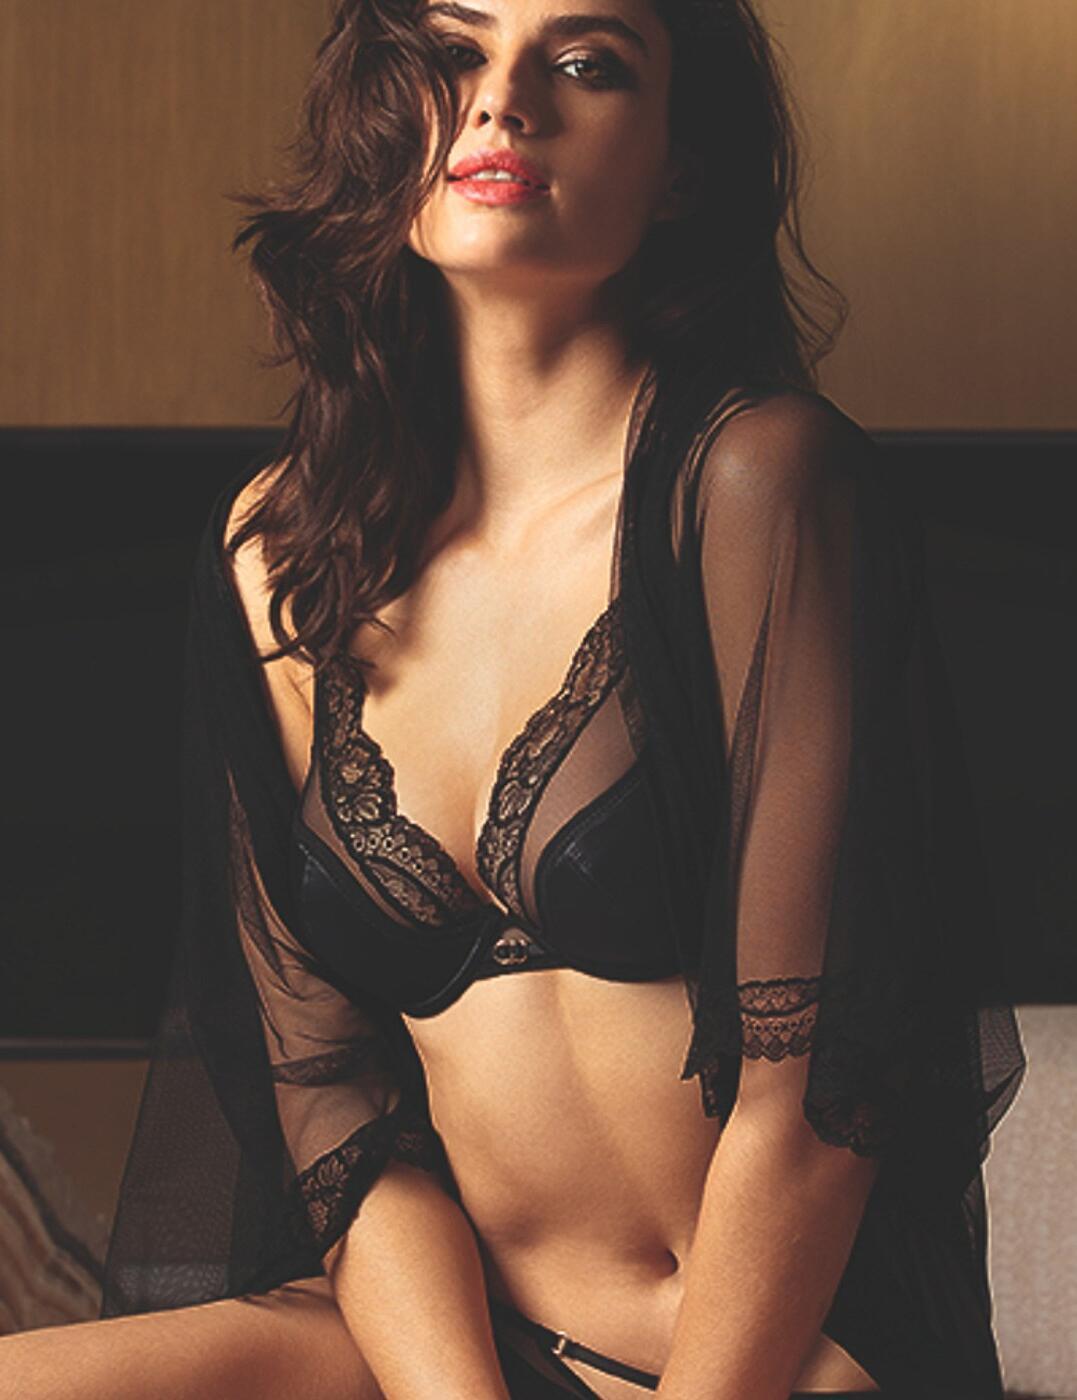 ACG7430 Lise Charmel Nouvel Eros Glam Push Up Bra - ACG7430 Noir